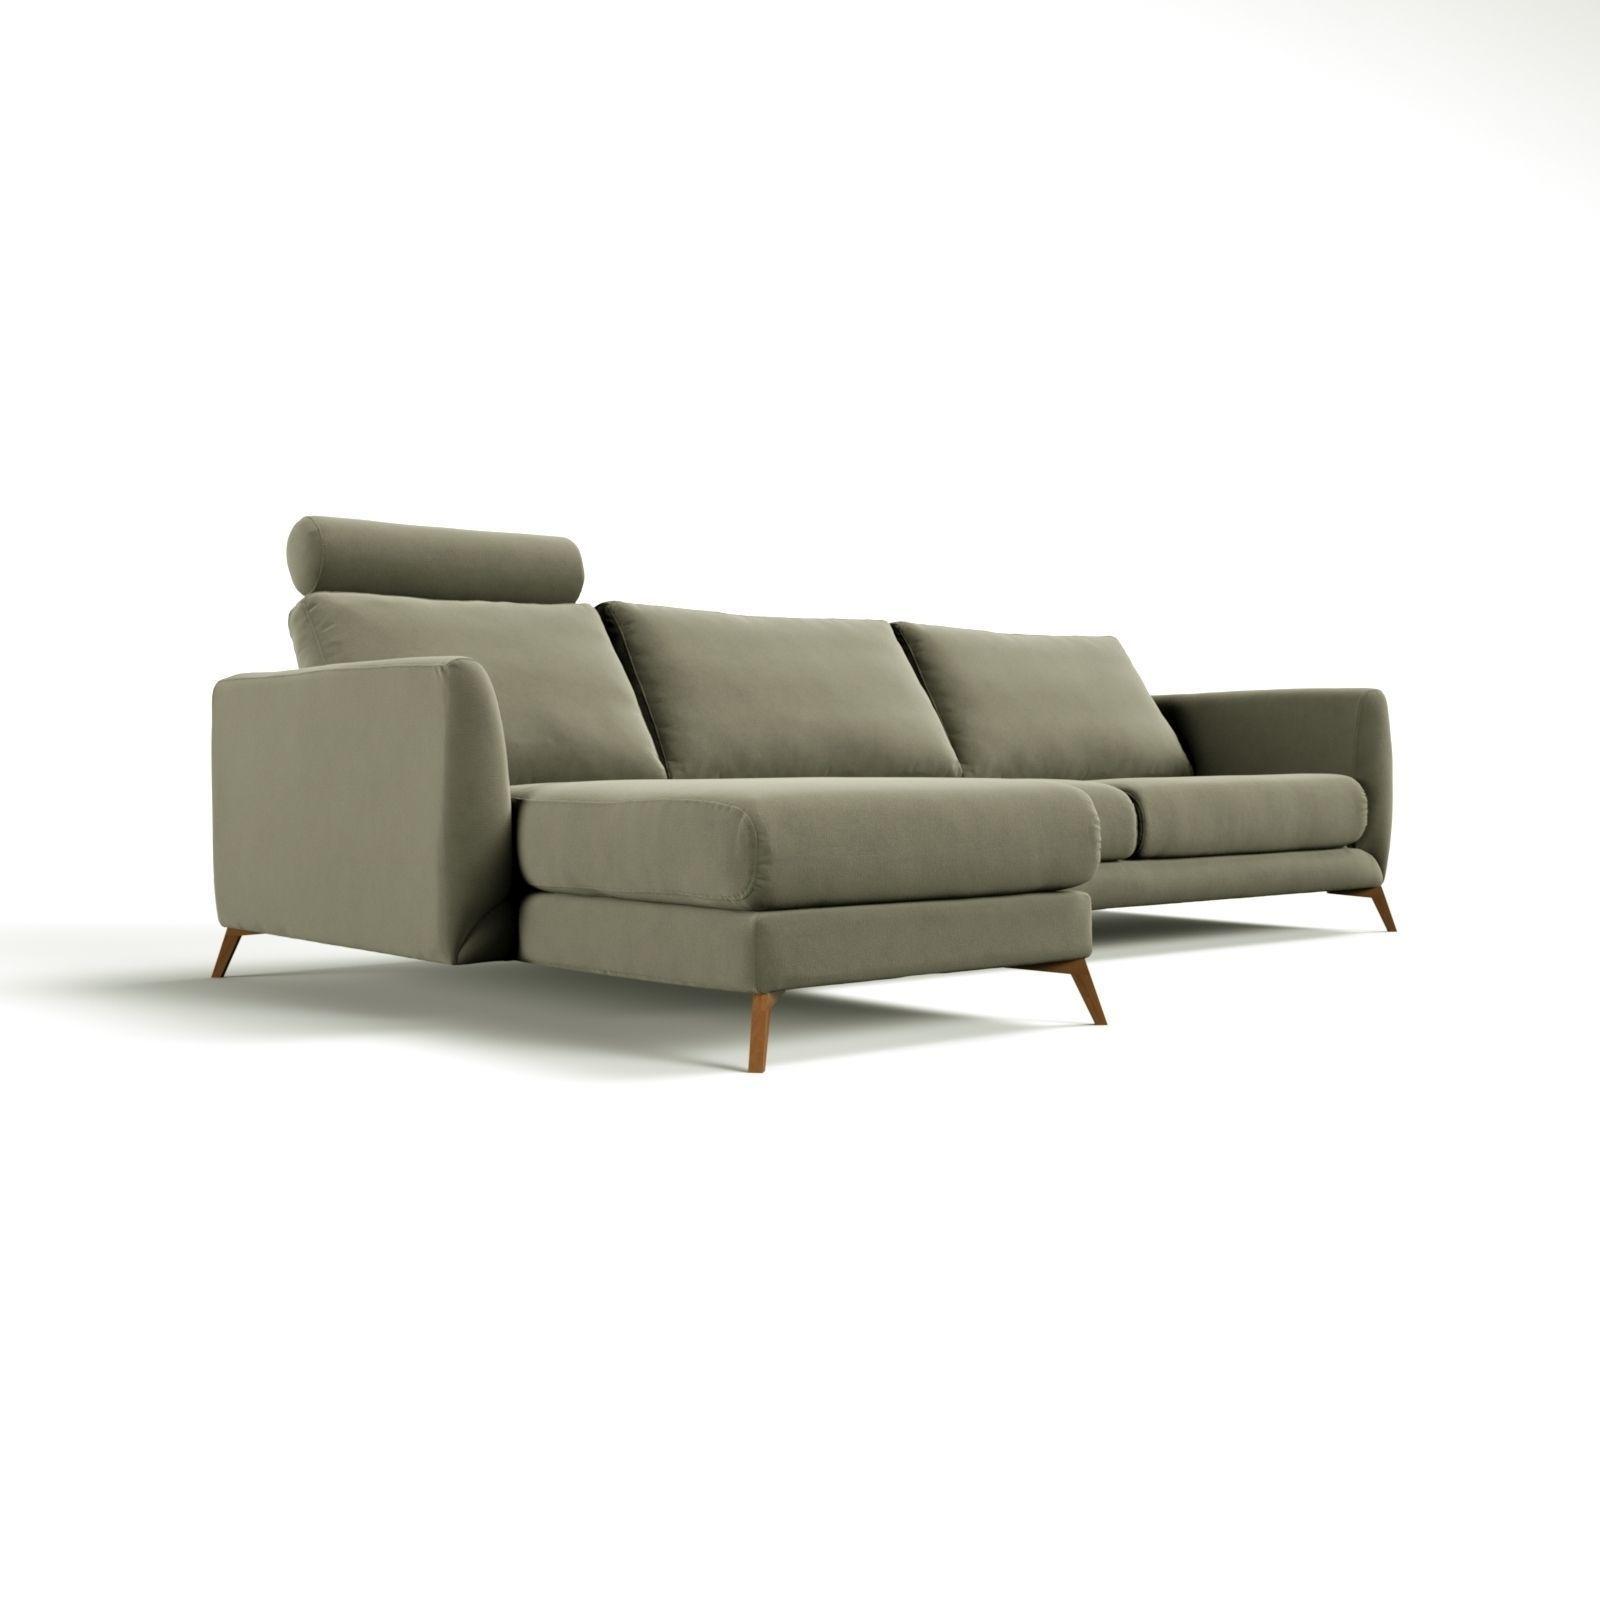 BoConcept Fargo Sofa 3D Model MAX  CGTradercom